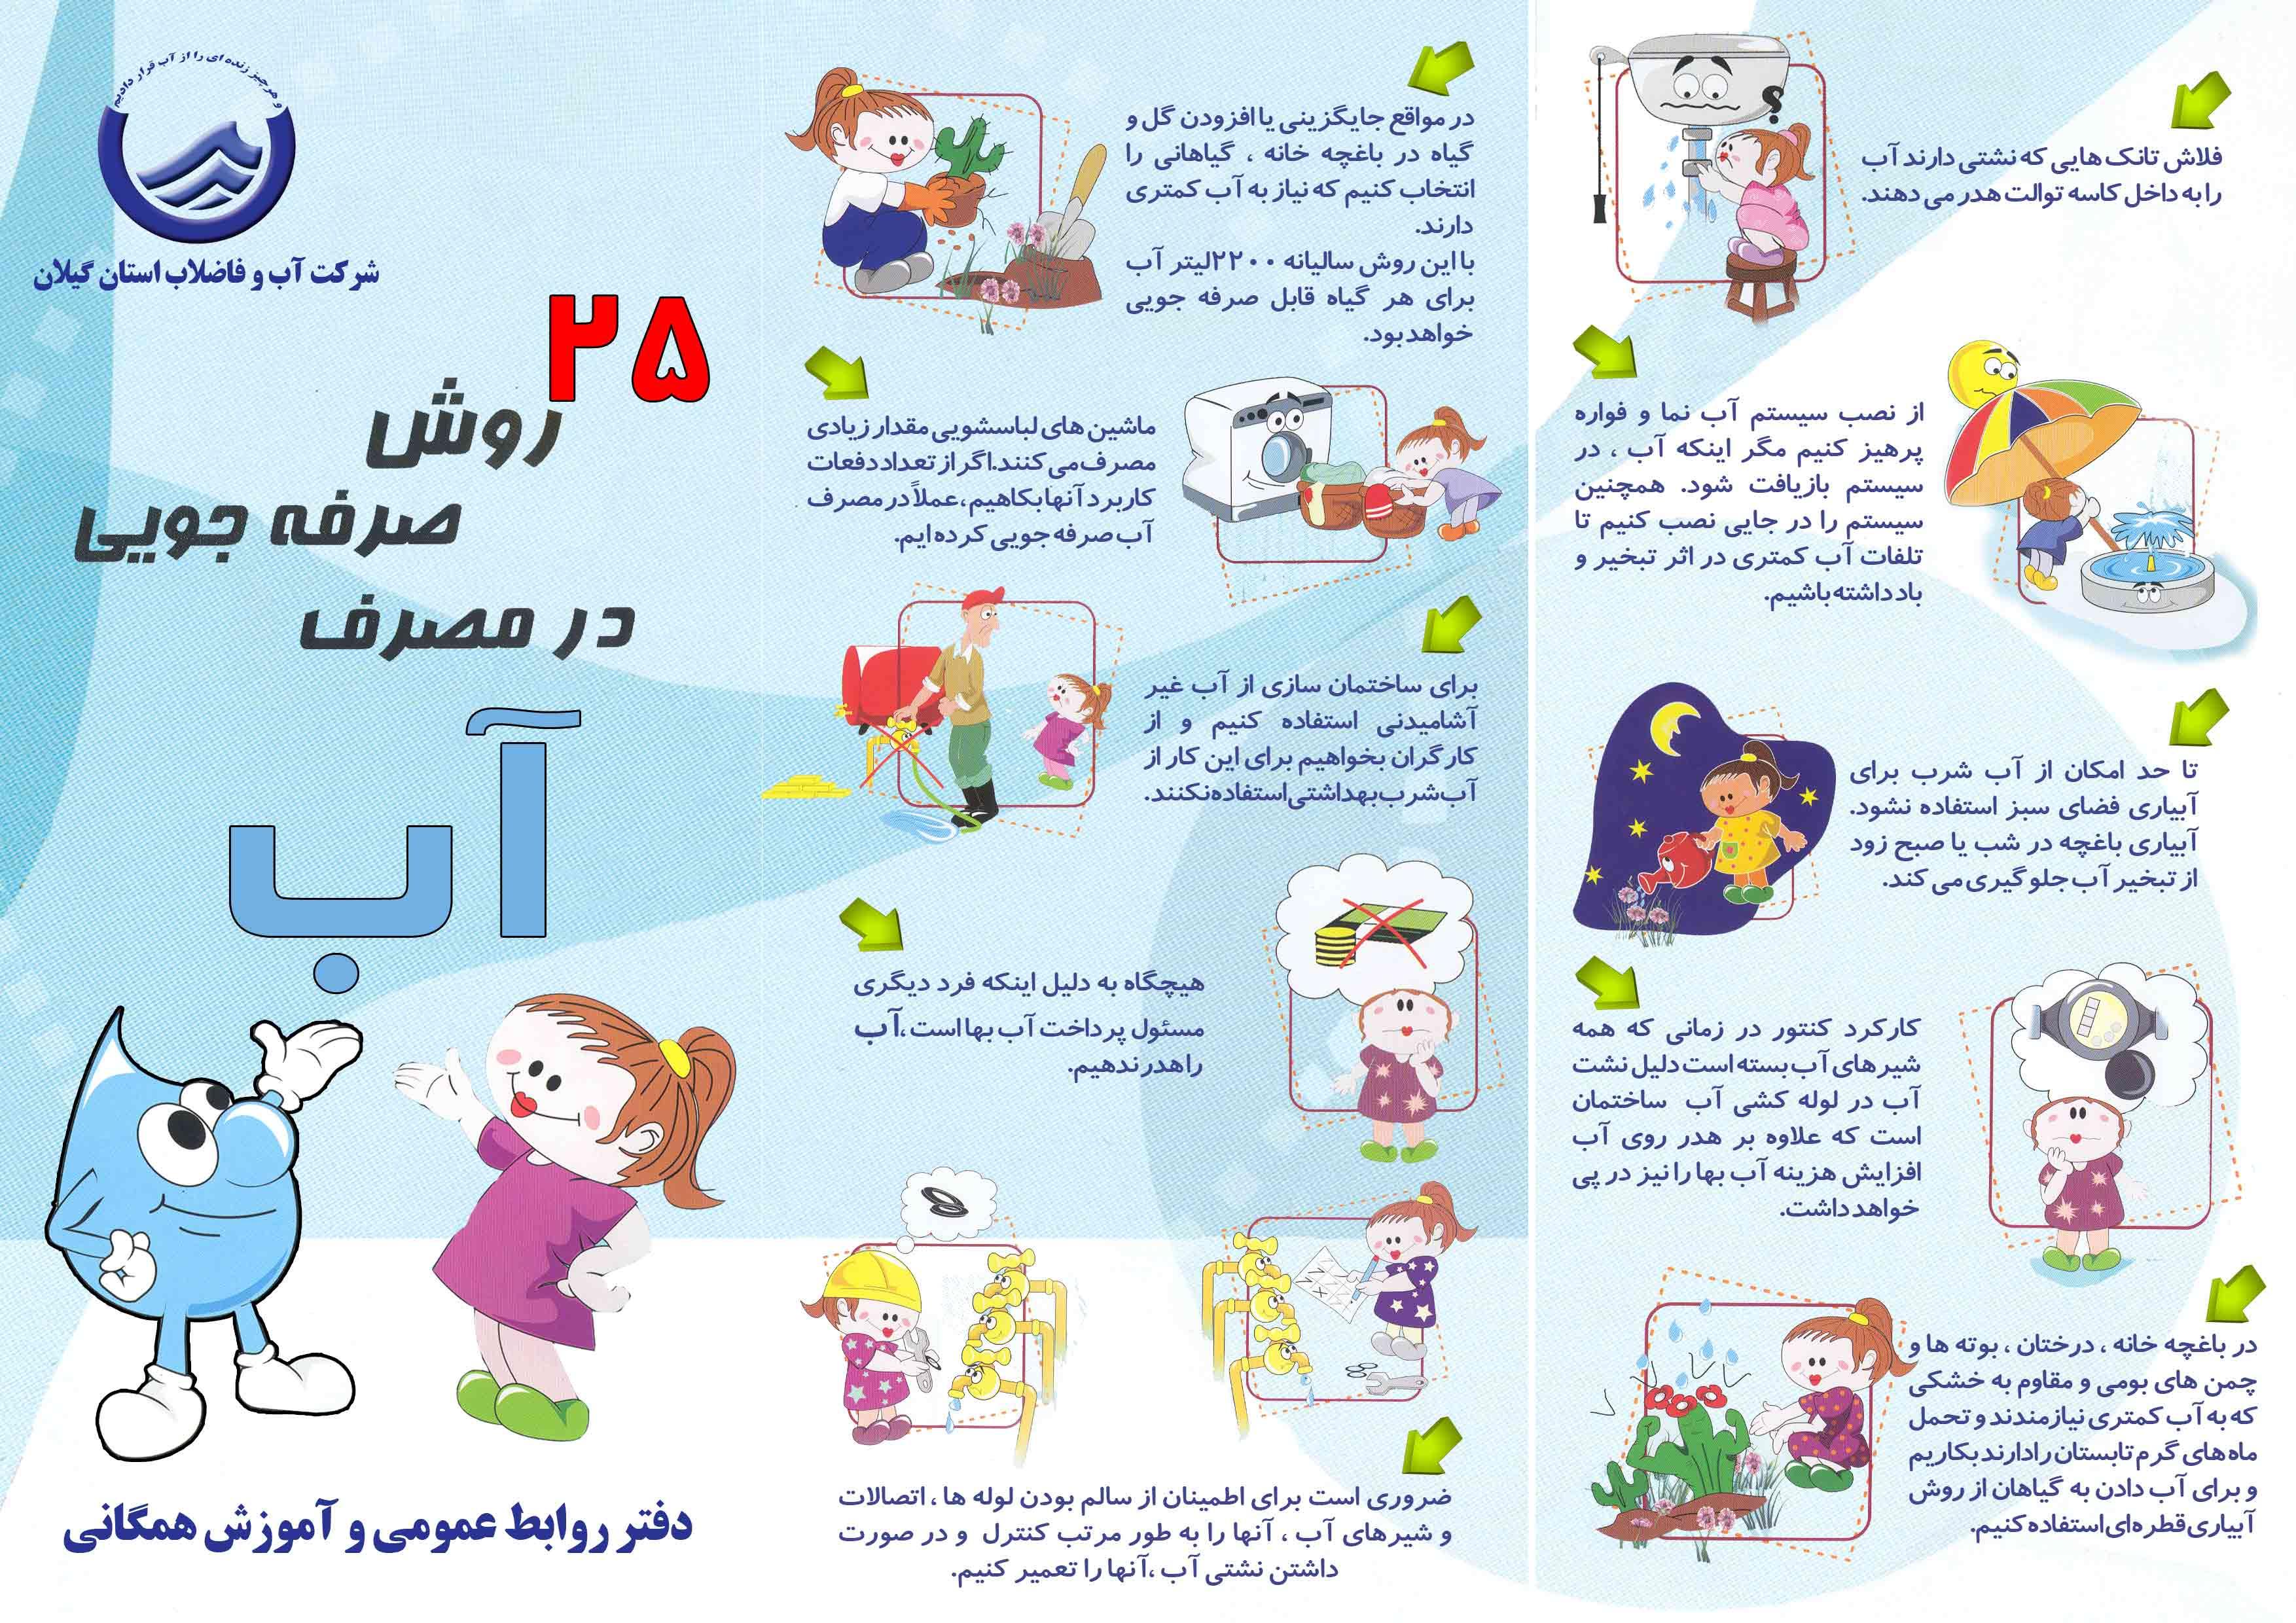 25 روش صرفه جویی در مصرف آب (استان گیلان)